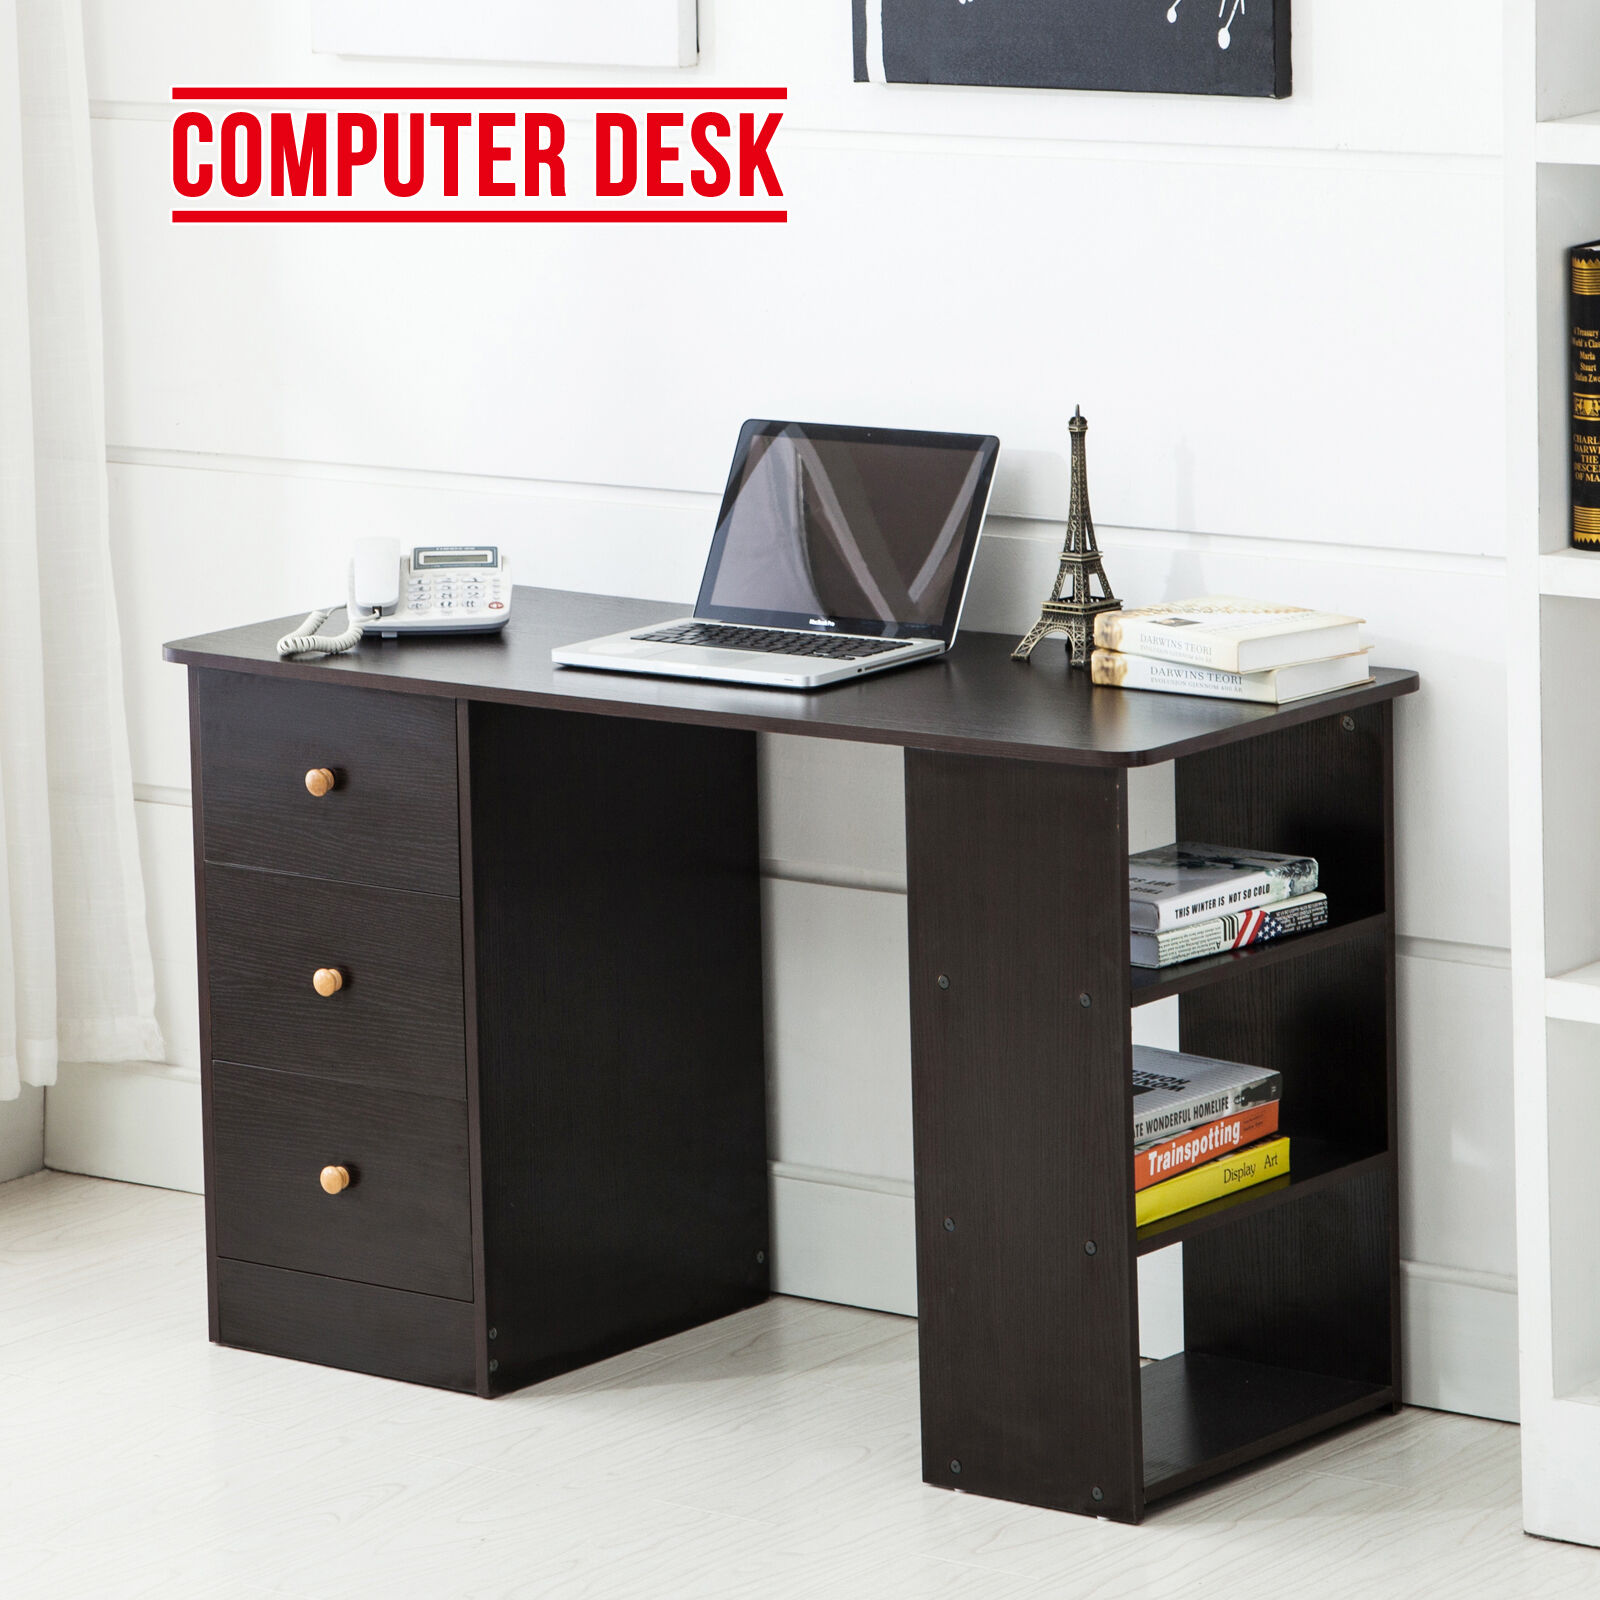 Bn corner computer desk home office pc table workstation furniture w 3 drawers ebay Home office furniture corner desk uk